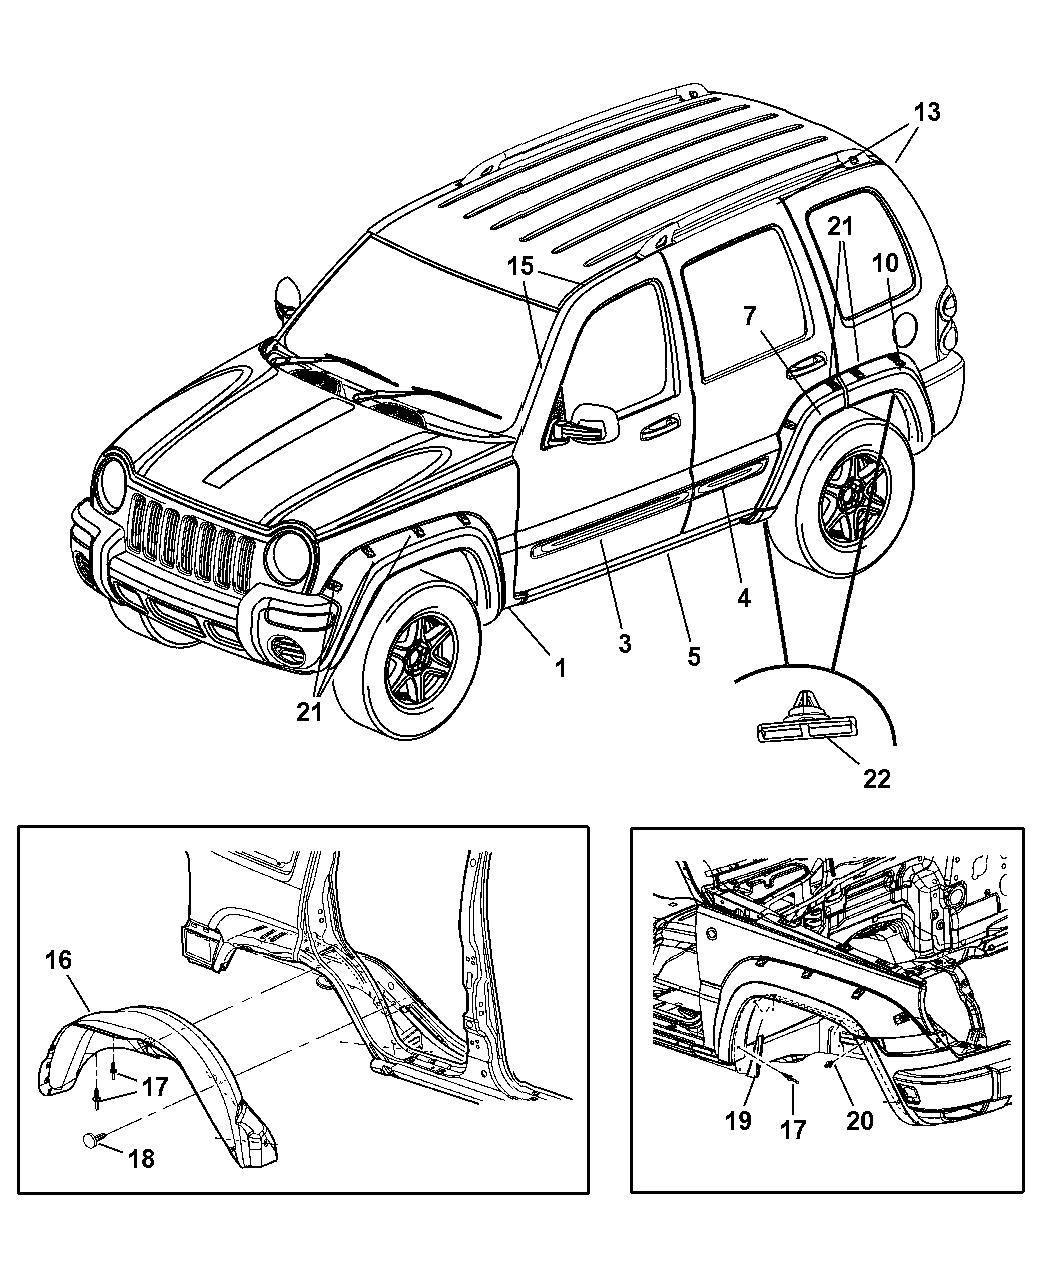 5jh84cjmag